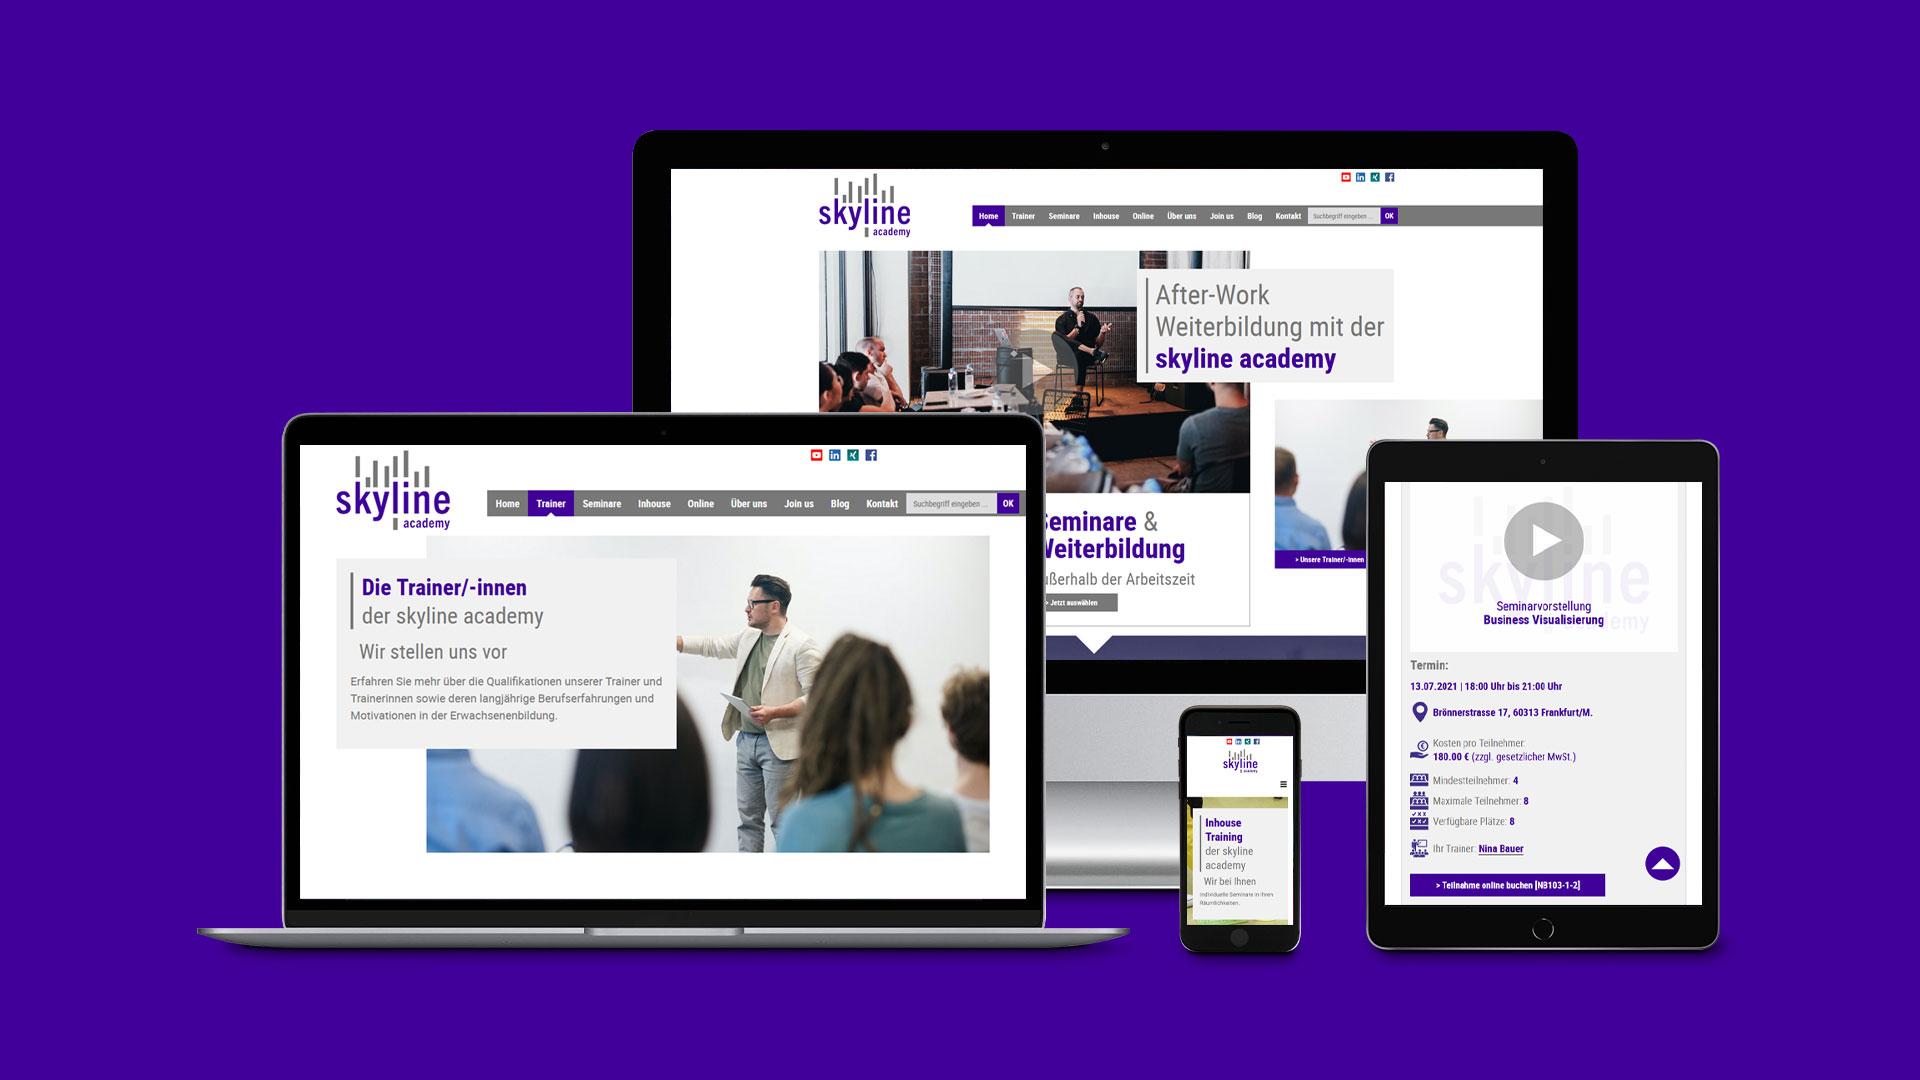 Webdesign und Programmierung mit eigenem CMS (Content-Management-System) für die skyline academy in Frankfurt am Main.